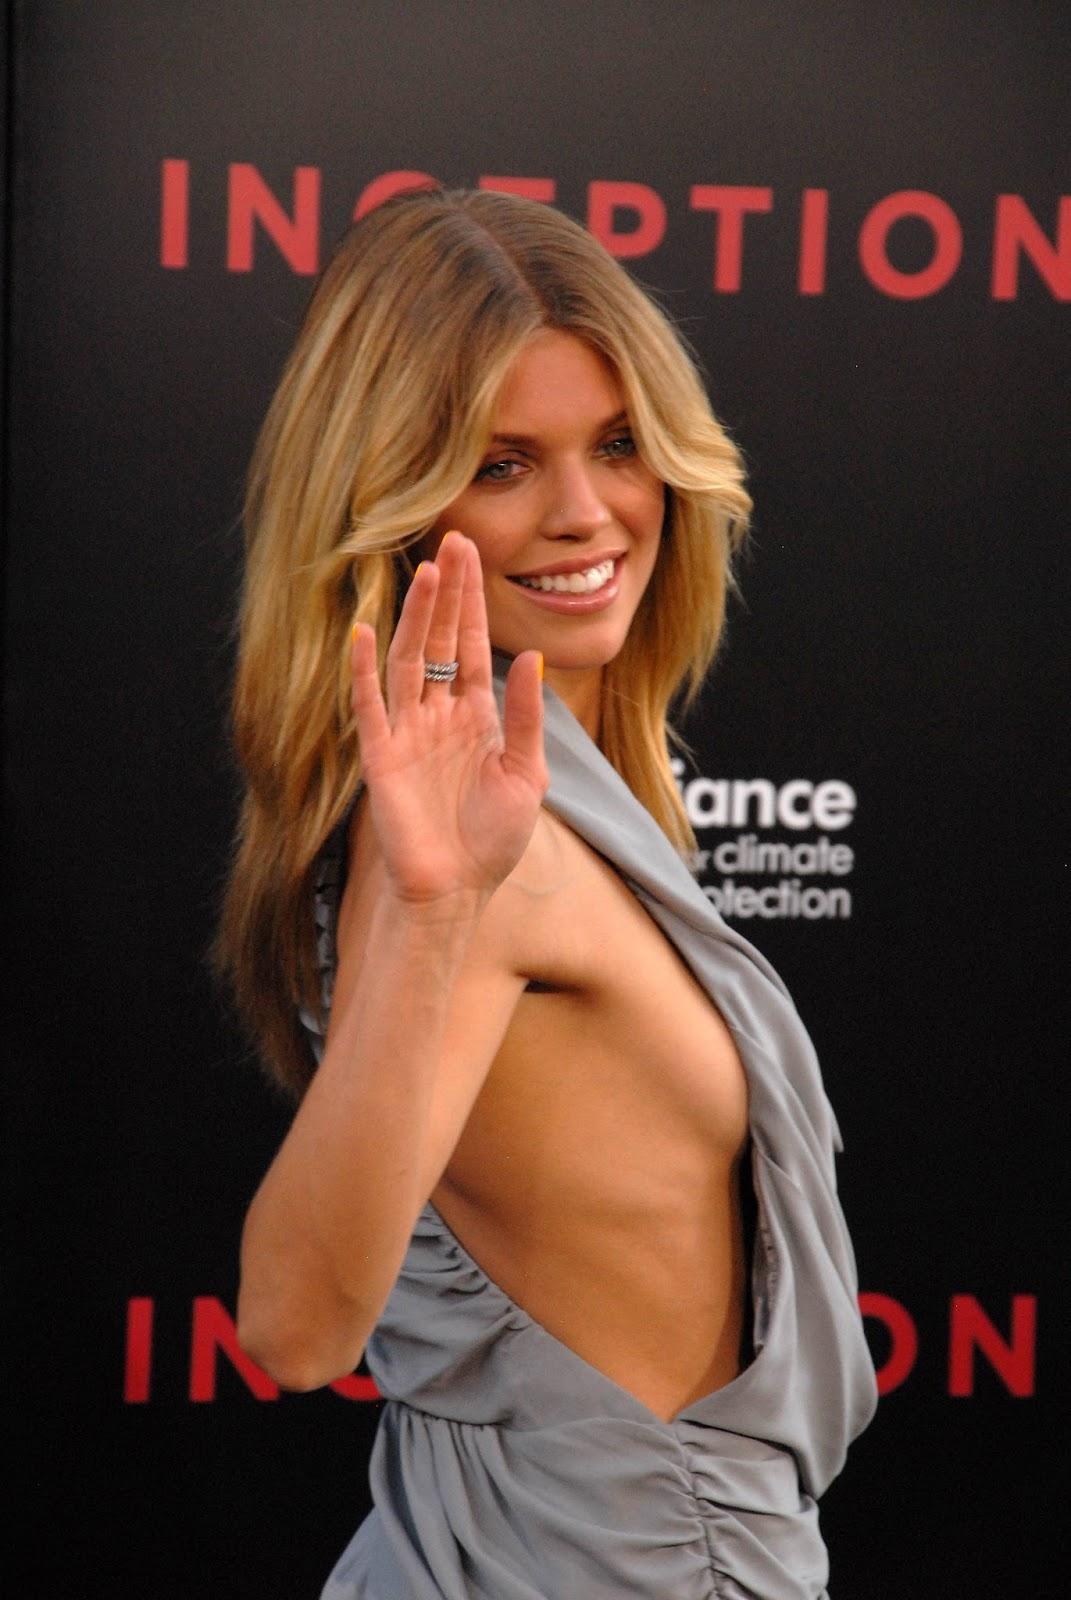 Jennifer connelly bikini photos